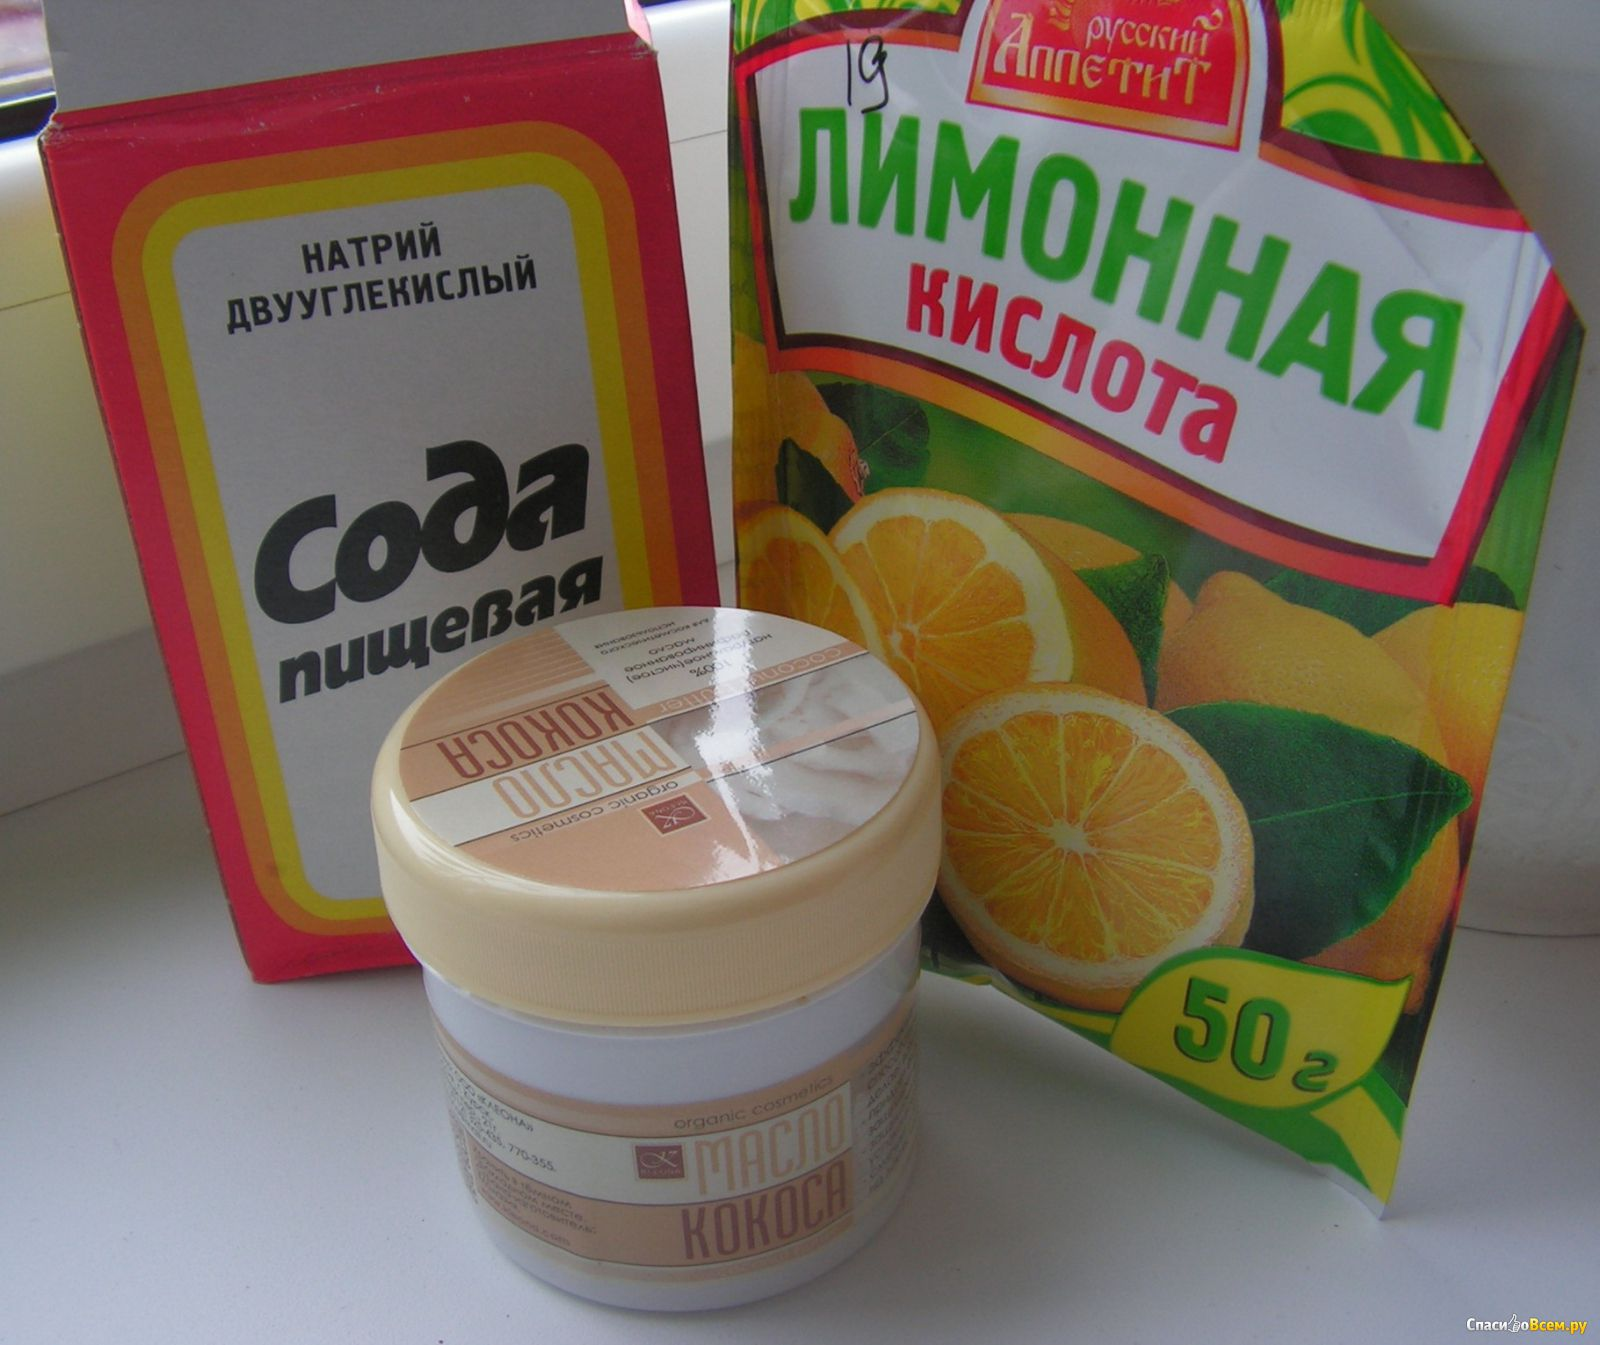 лимонная кислота плюс сода для рыбалки